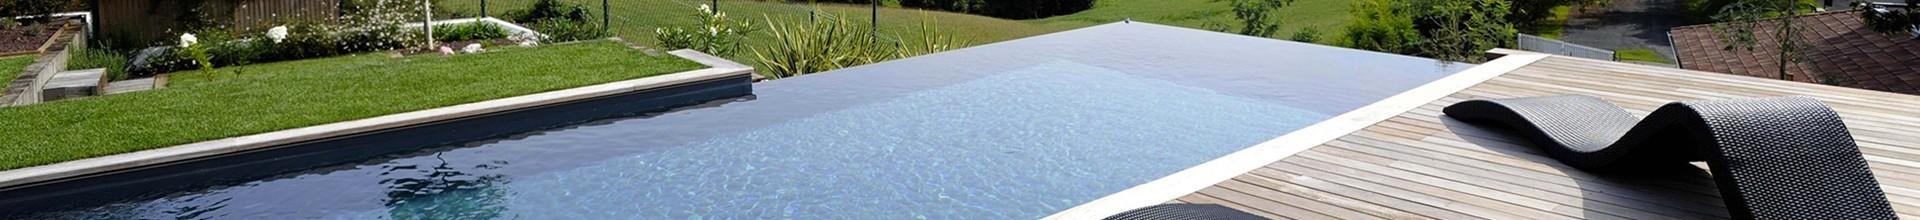 Constructeur piscine discount Nouvelle Aquitaine